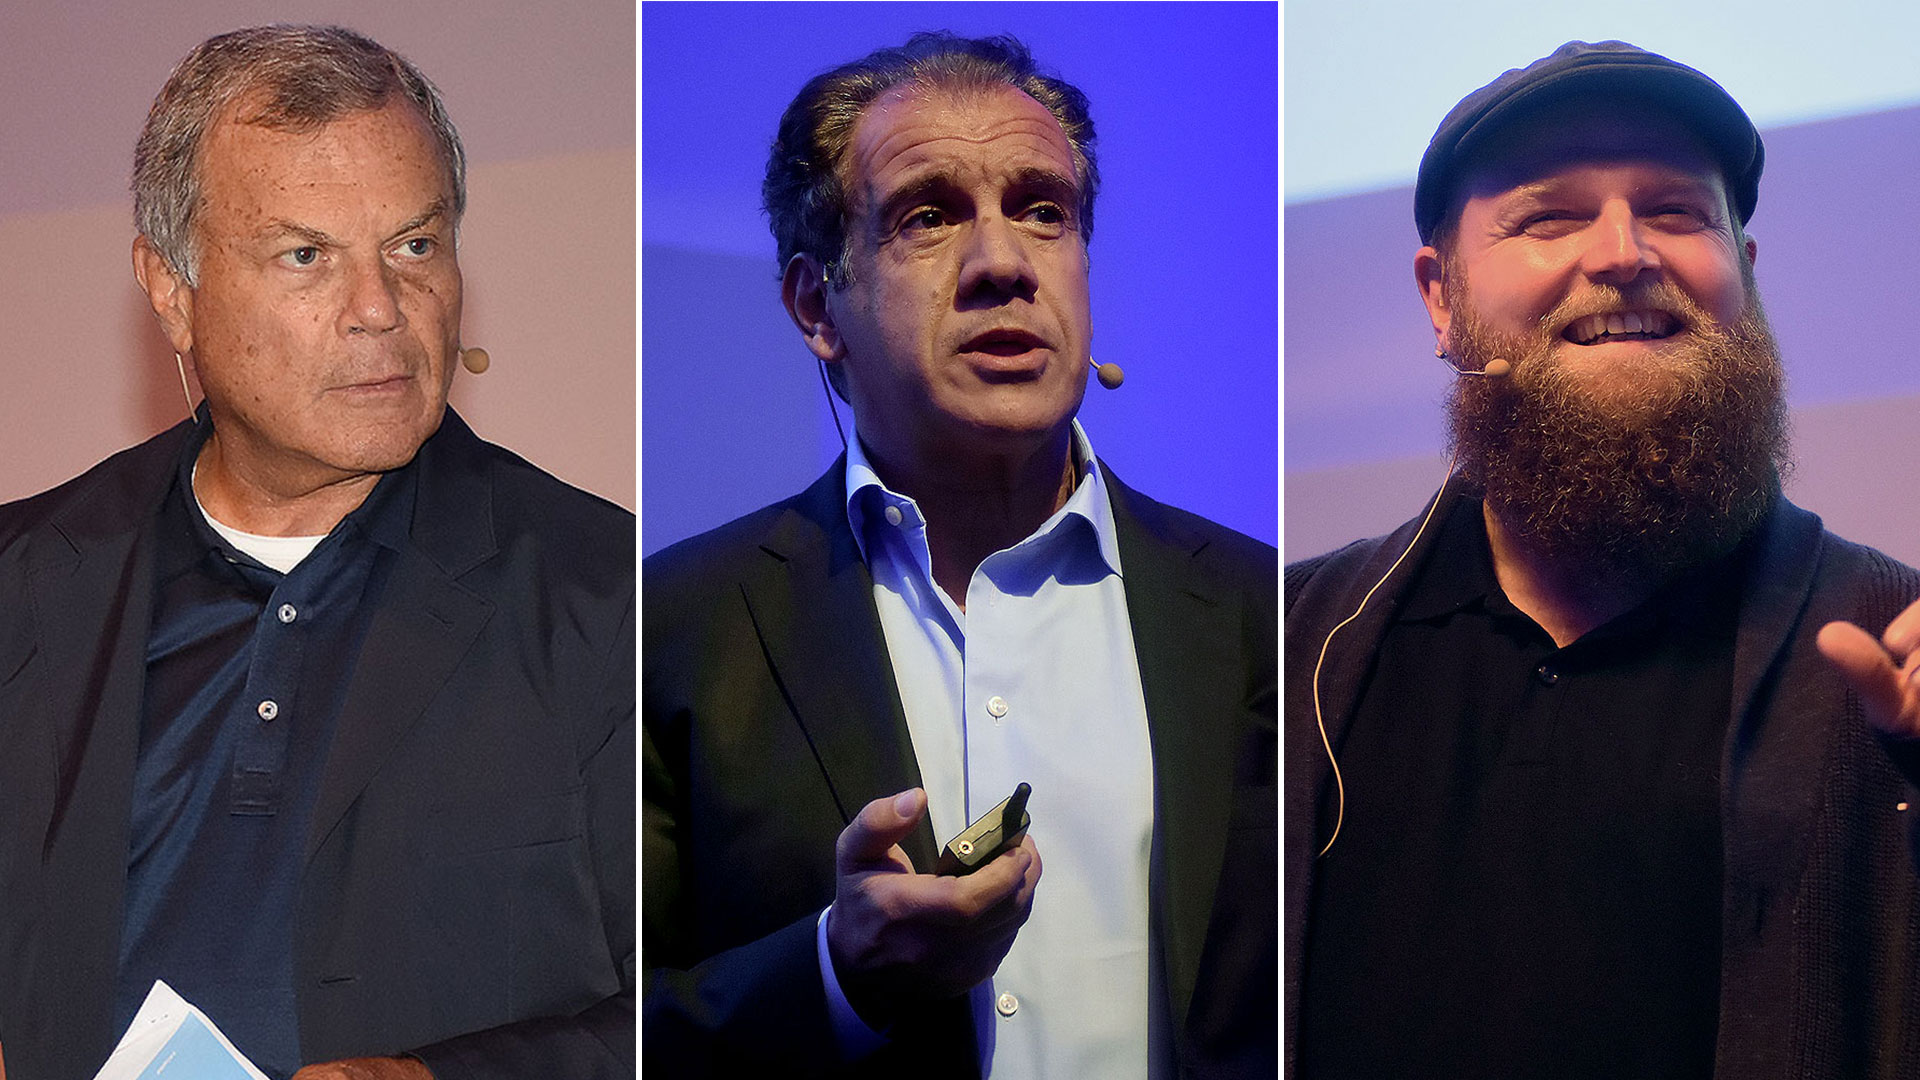 Primer día de la 49va. edición del FIAP 2018 : tres conferencias estimulantes y enriquecedoras para la audiencia sobre comunicación, sociedad y publicidad: Sorrell, Hadad (Infobae) y Ter Haar (MediaMonks).